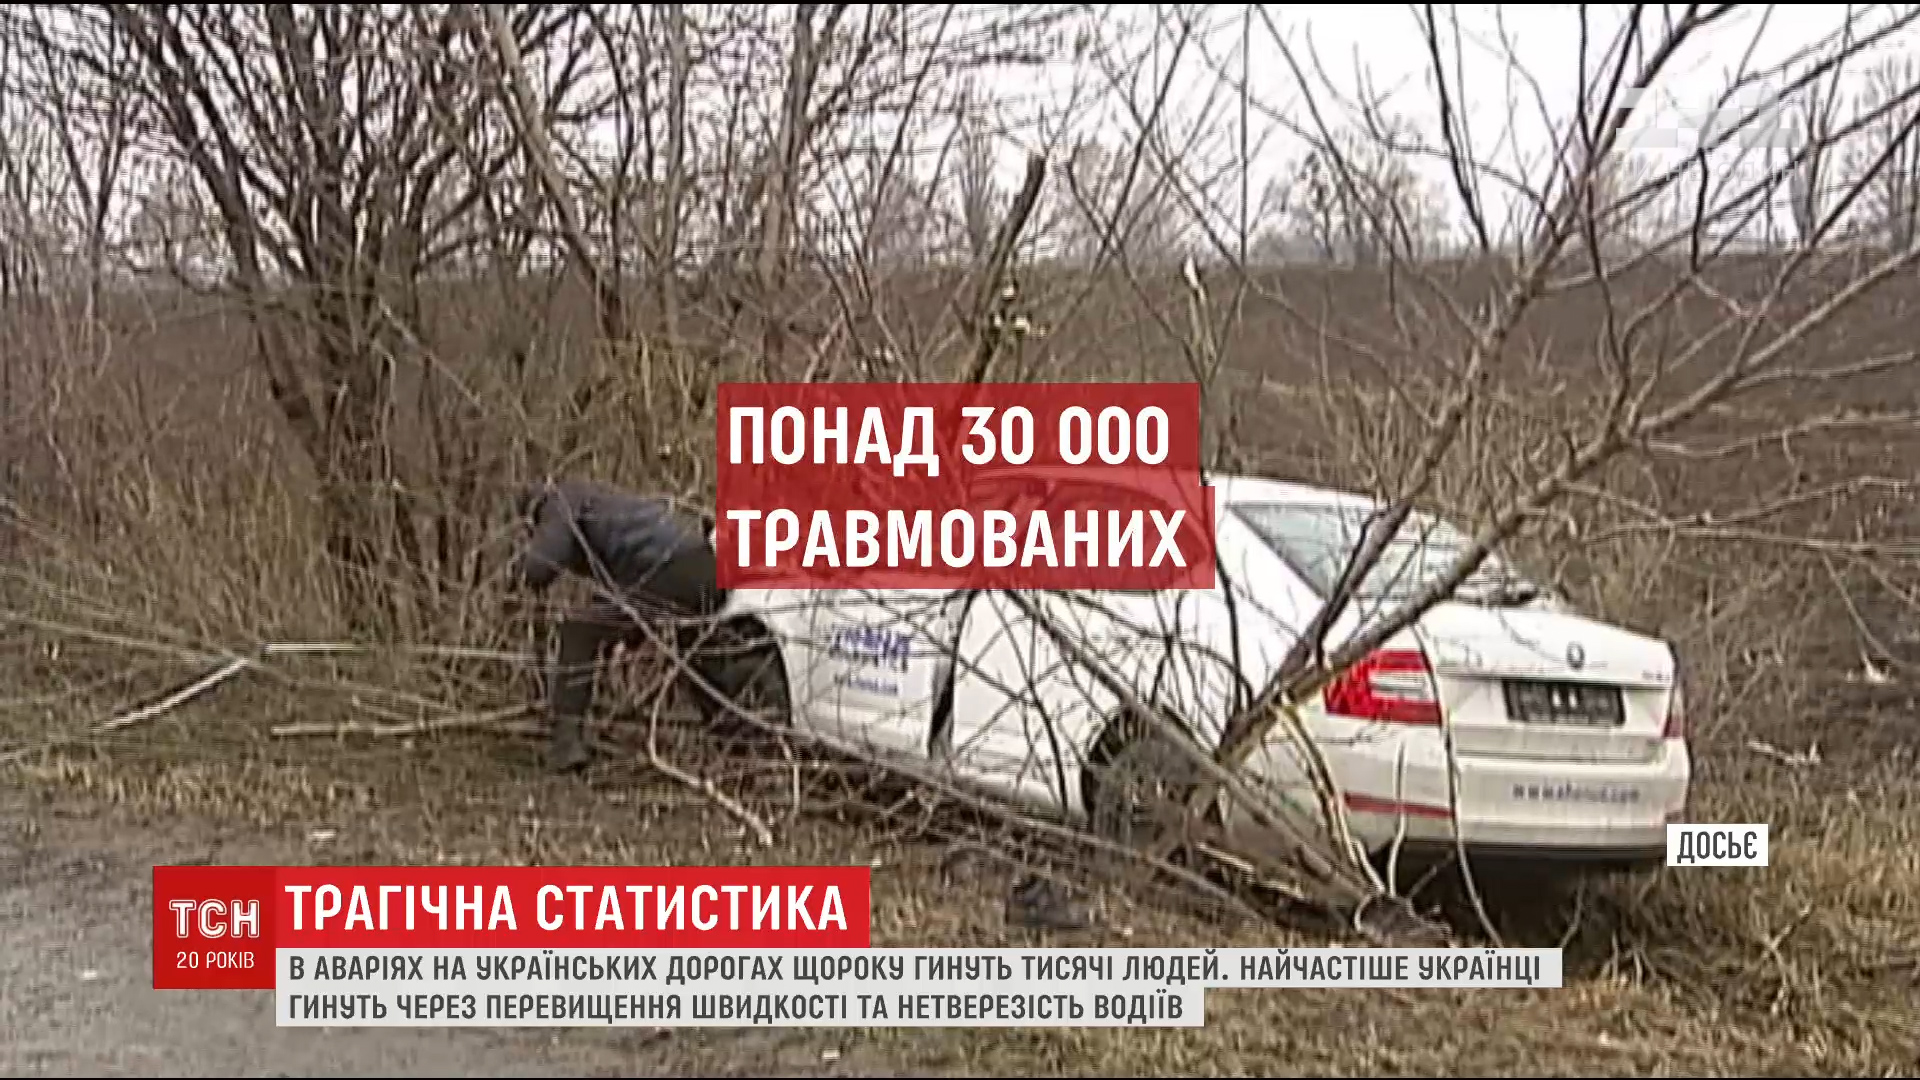 Трагічний рекорд: в Україні смертельні ДТП відбуваються частіше, ніж в будь-якій країні Європи /